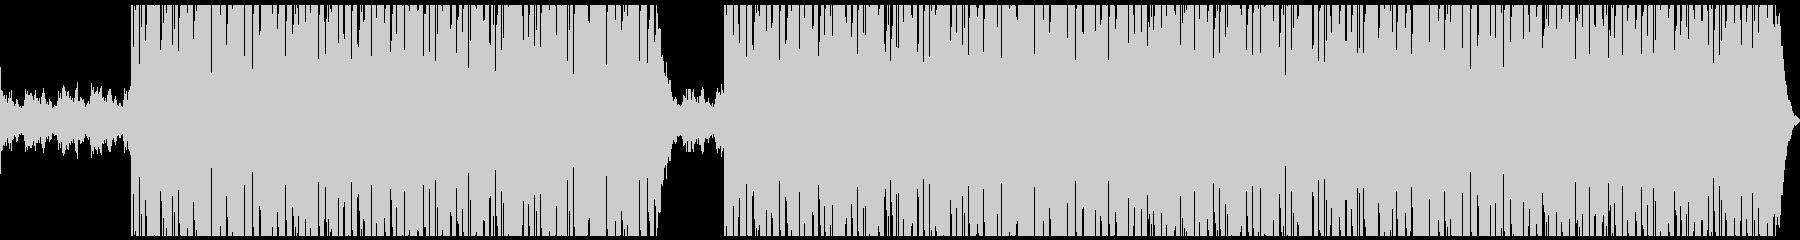 疾走感のあるピアノヒップホップの未再生の波形